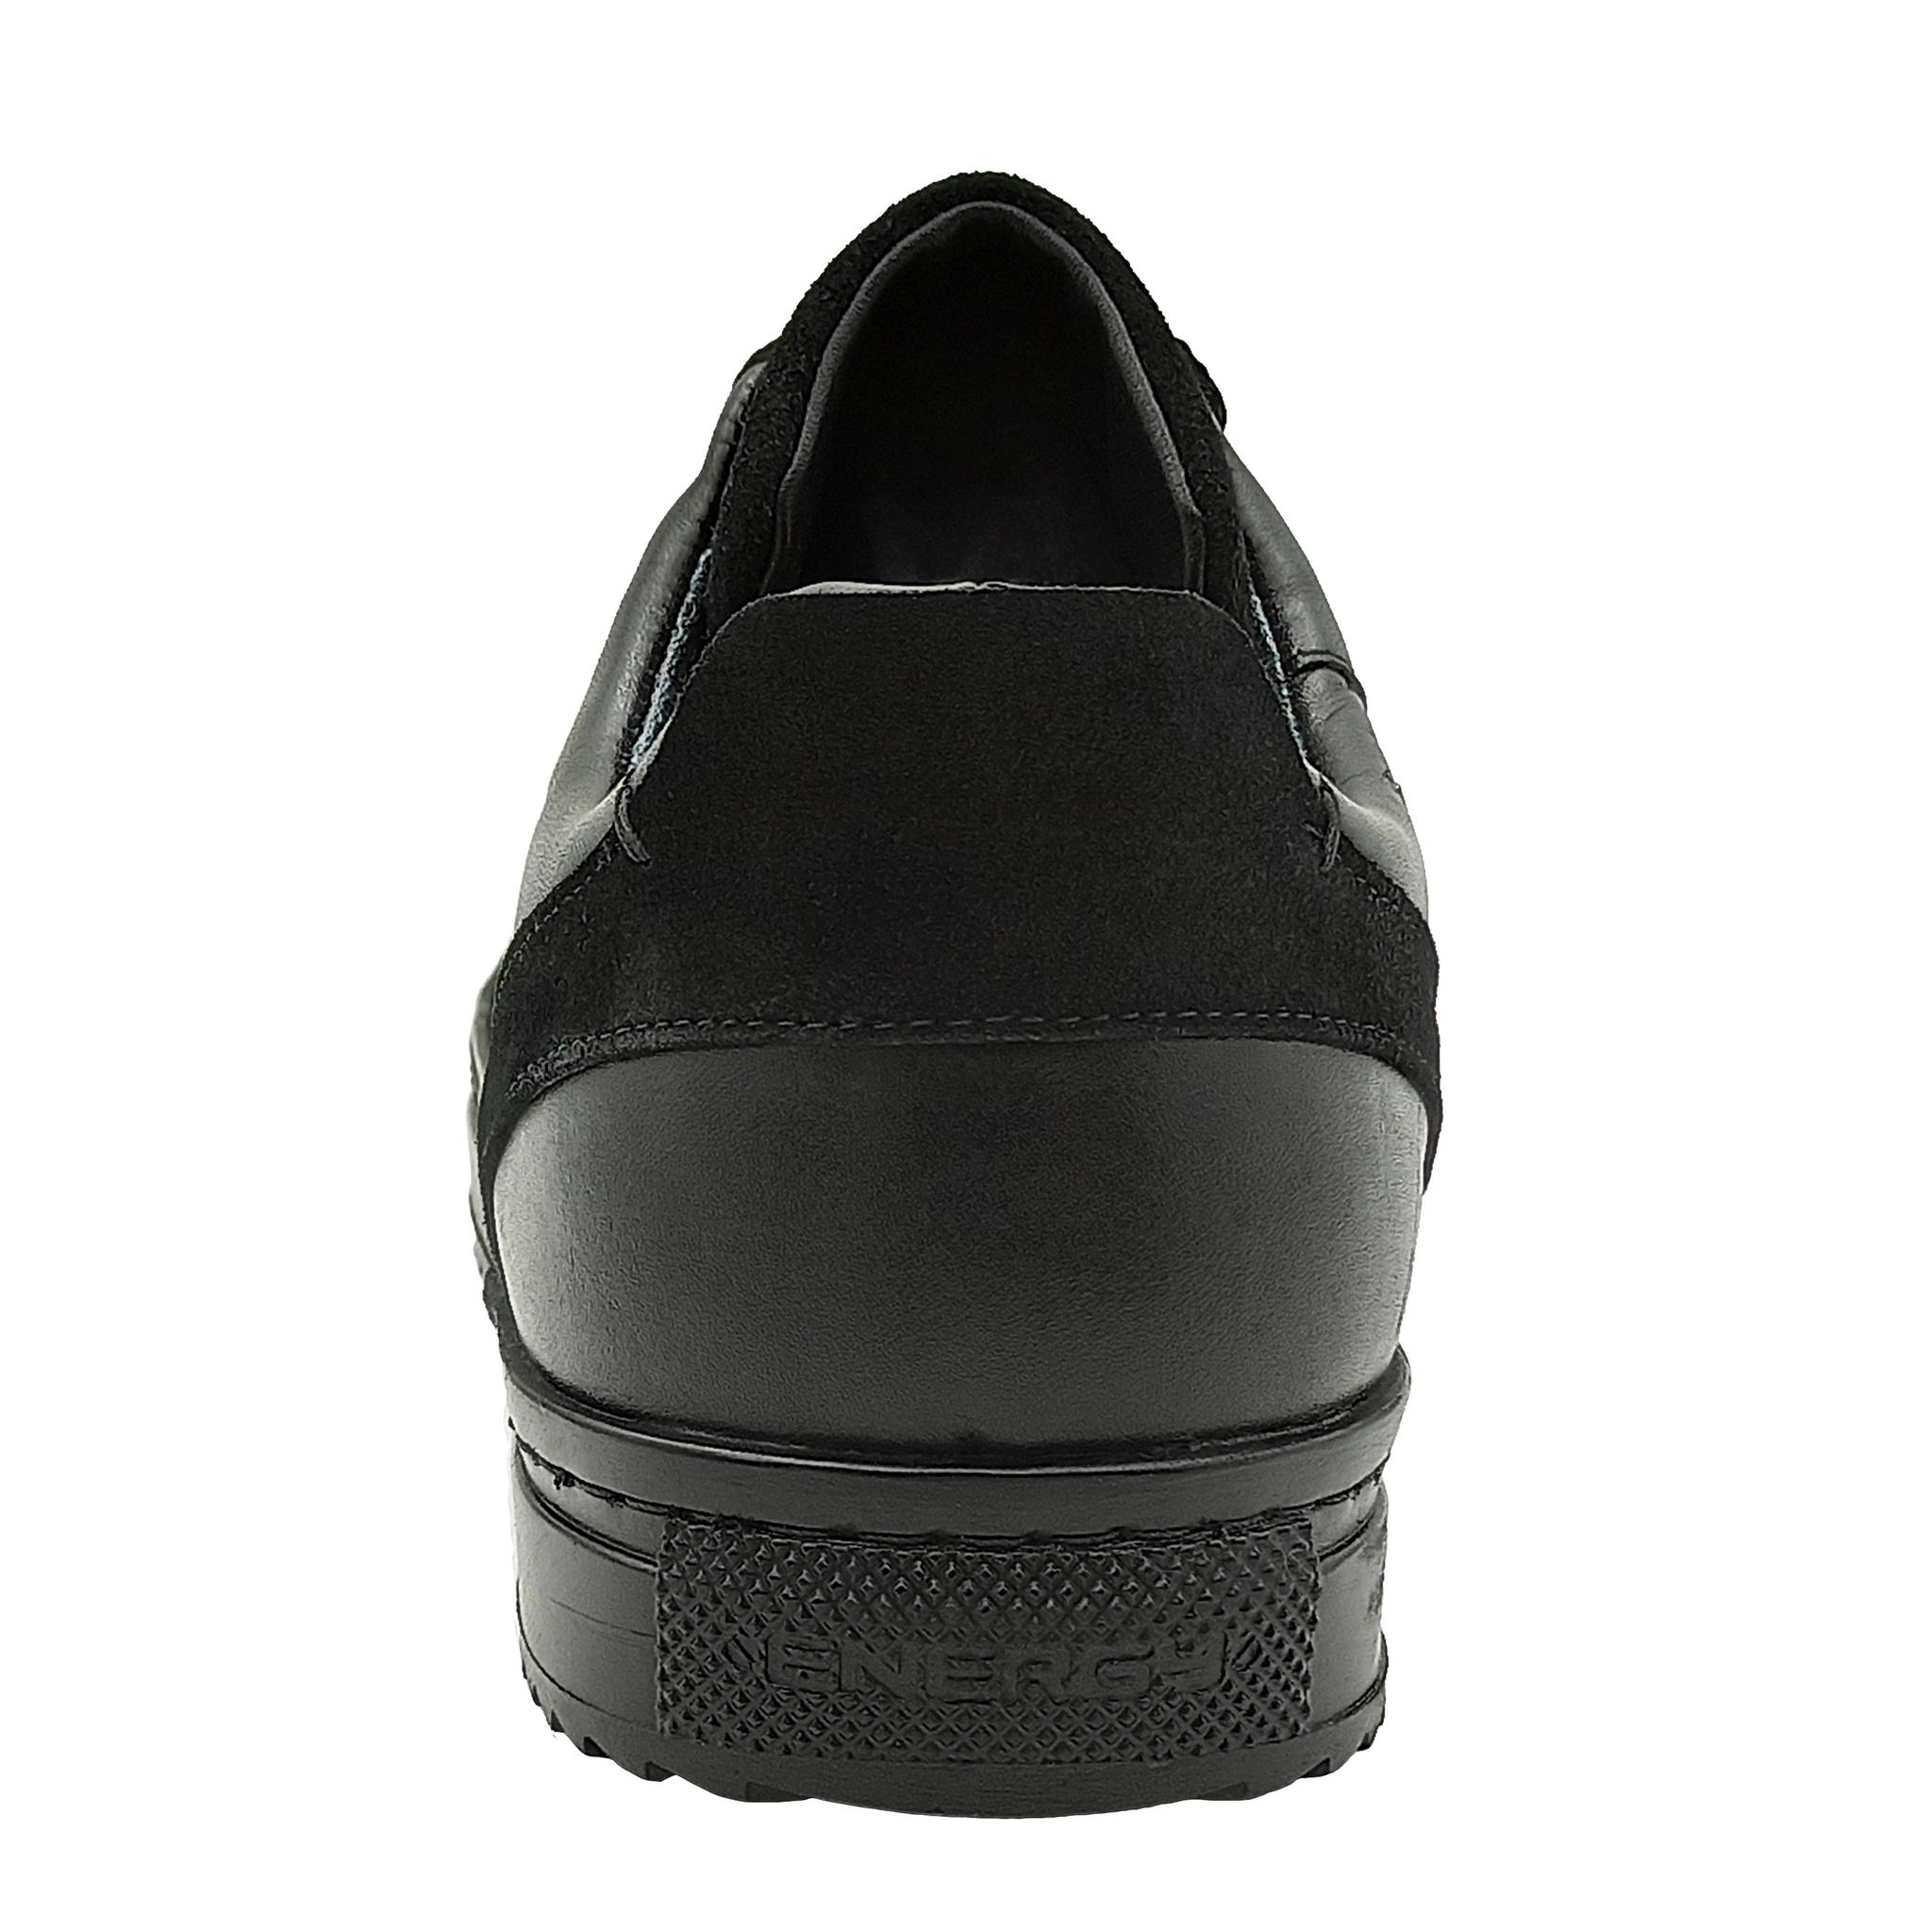 752308 Полуботинки мужские черные больших размеров марки Делфино